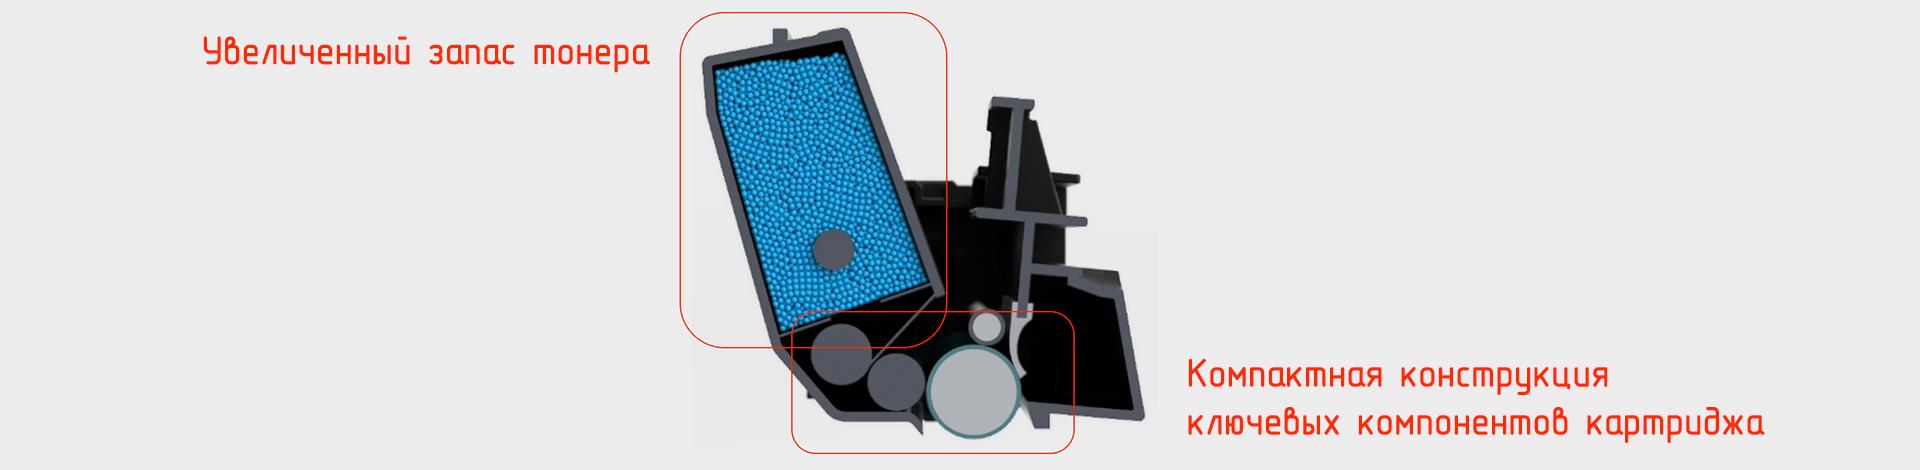 От домашнего офиса до корпорации: новые лазерные устройства из линейки Canon i-SENSYS - 3